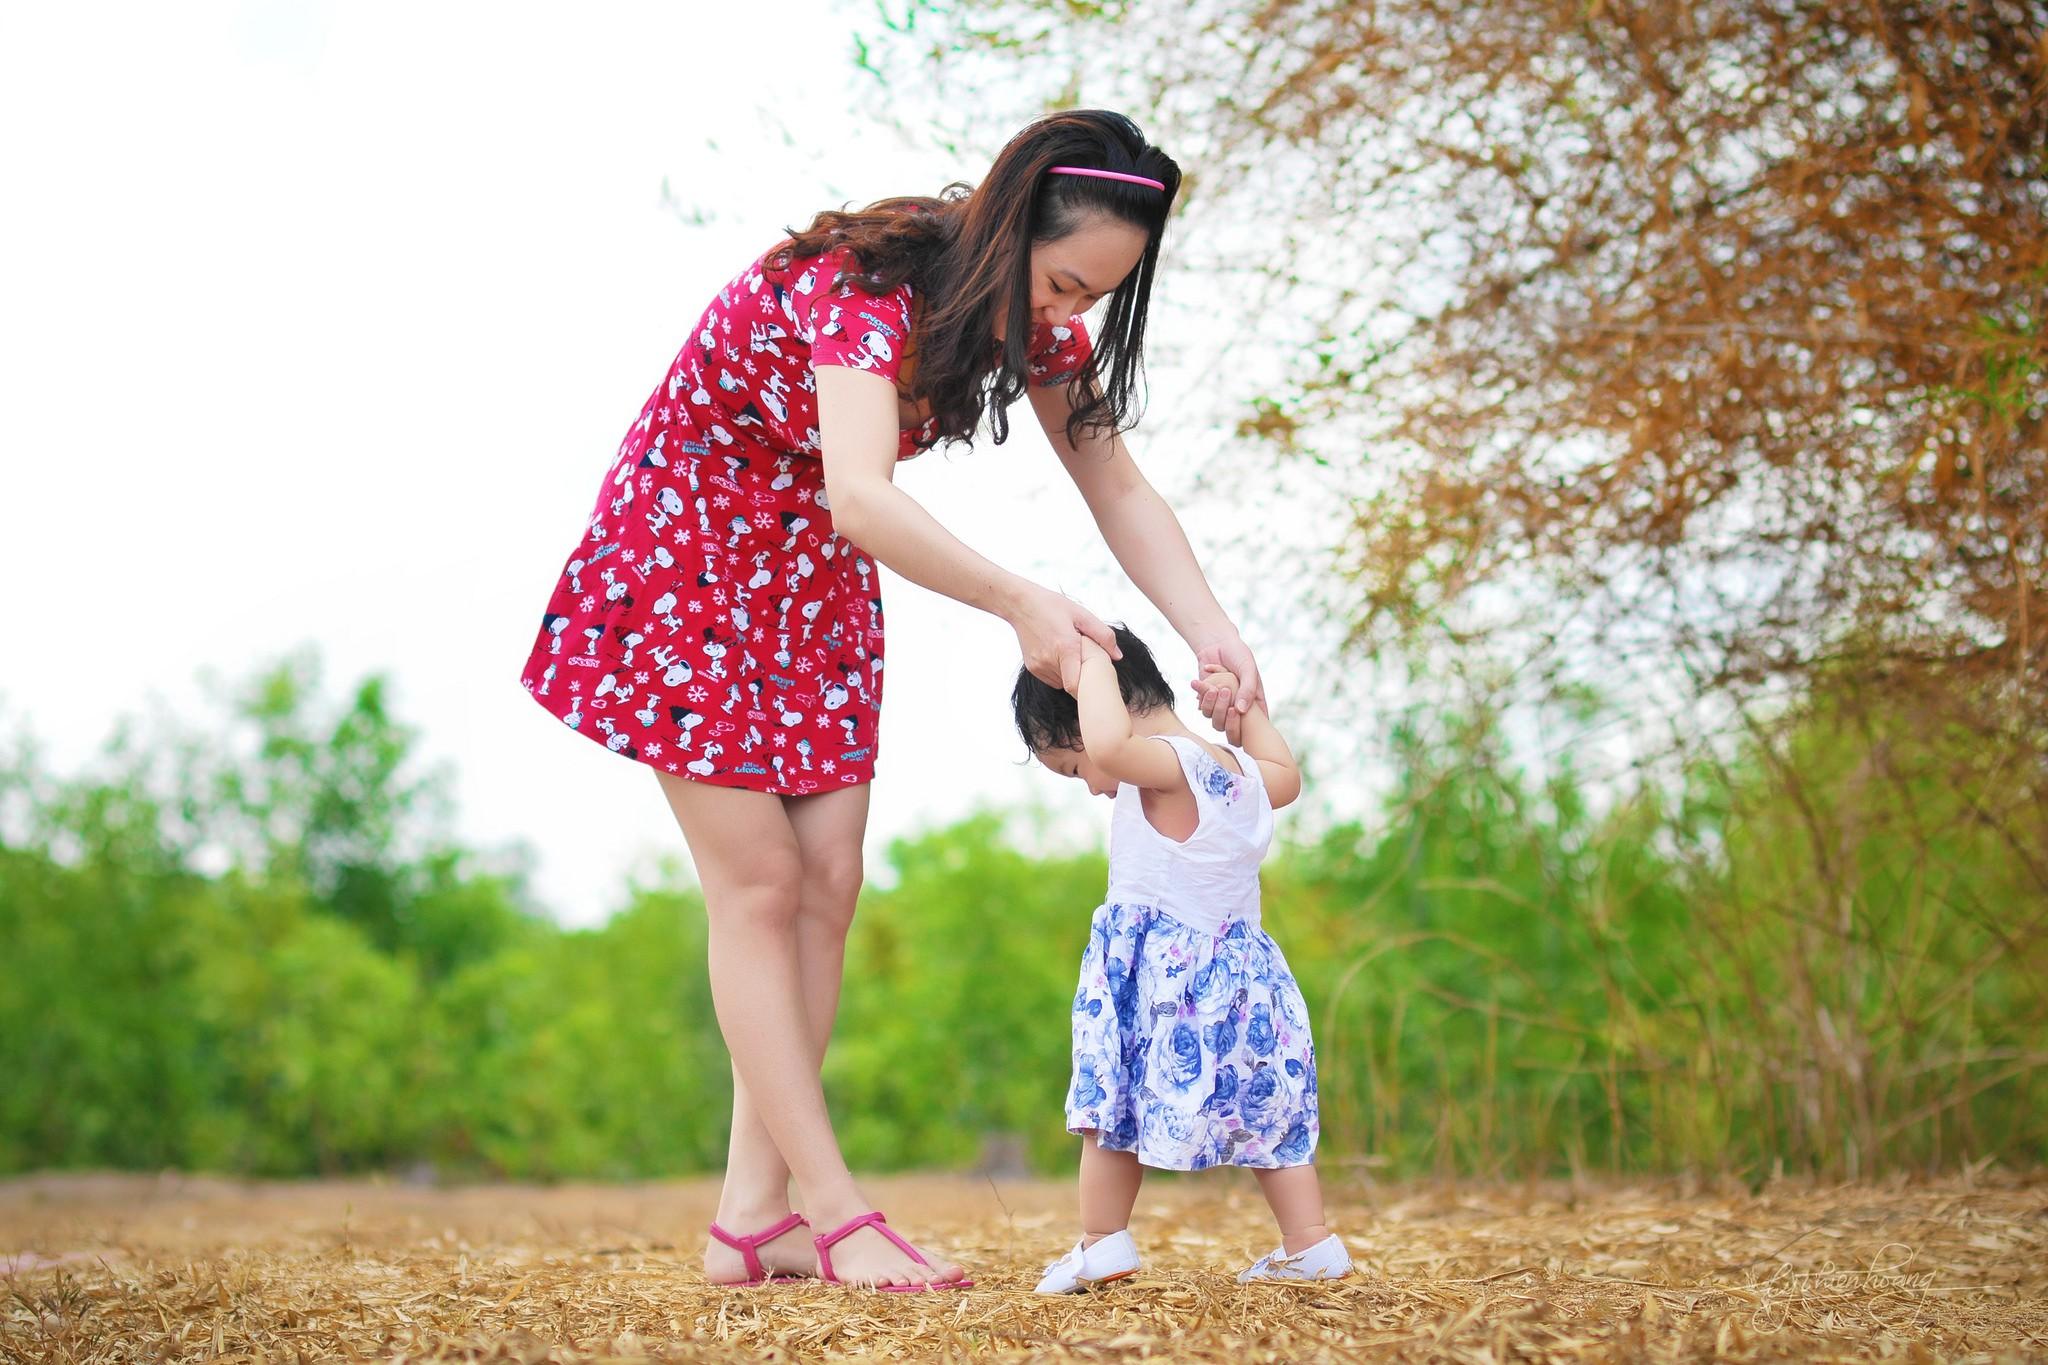 Quando Inizia A Gattonare Neonato quando comincia a camminare un bambino?